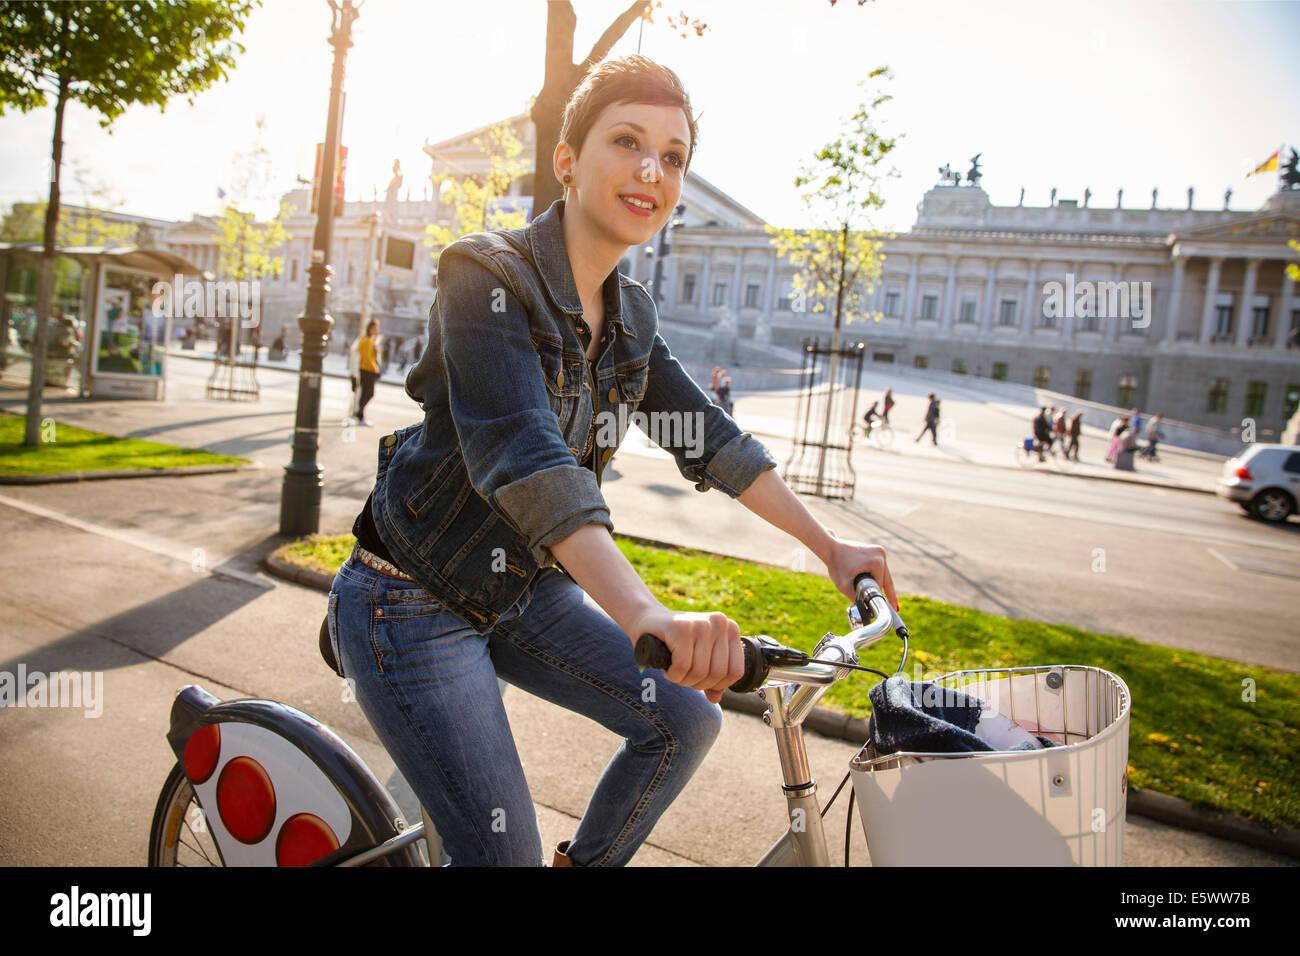 Junge Frau Radfahren durch City, Wien, Österreich Stockfoto